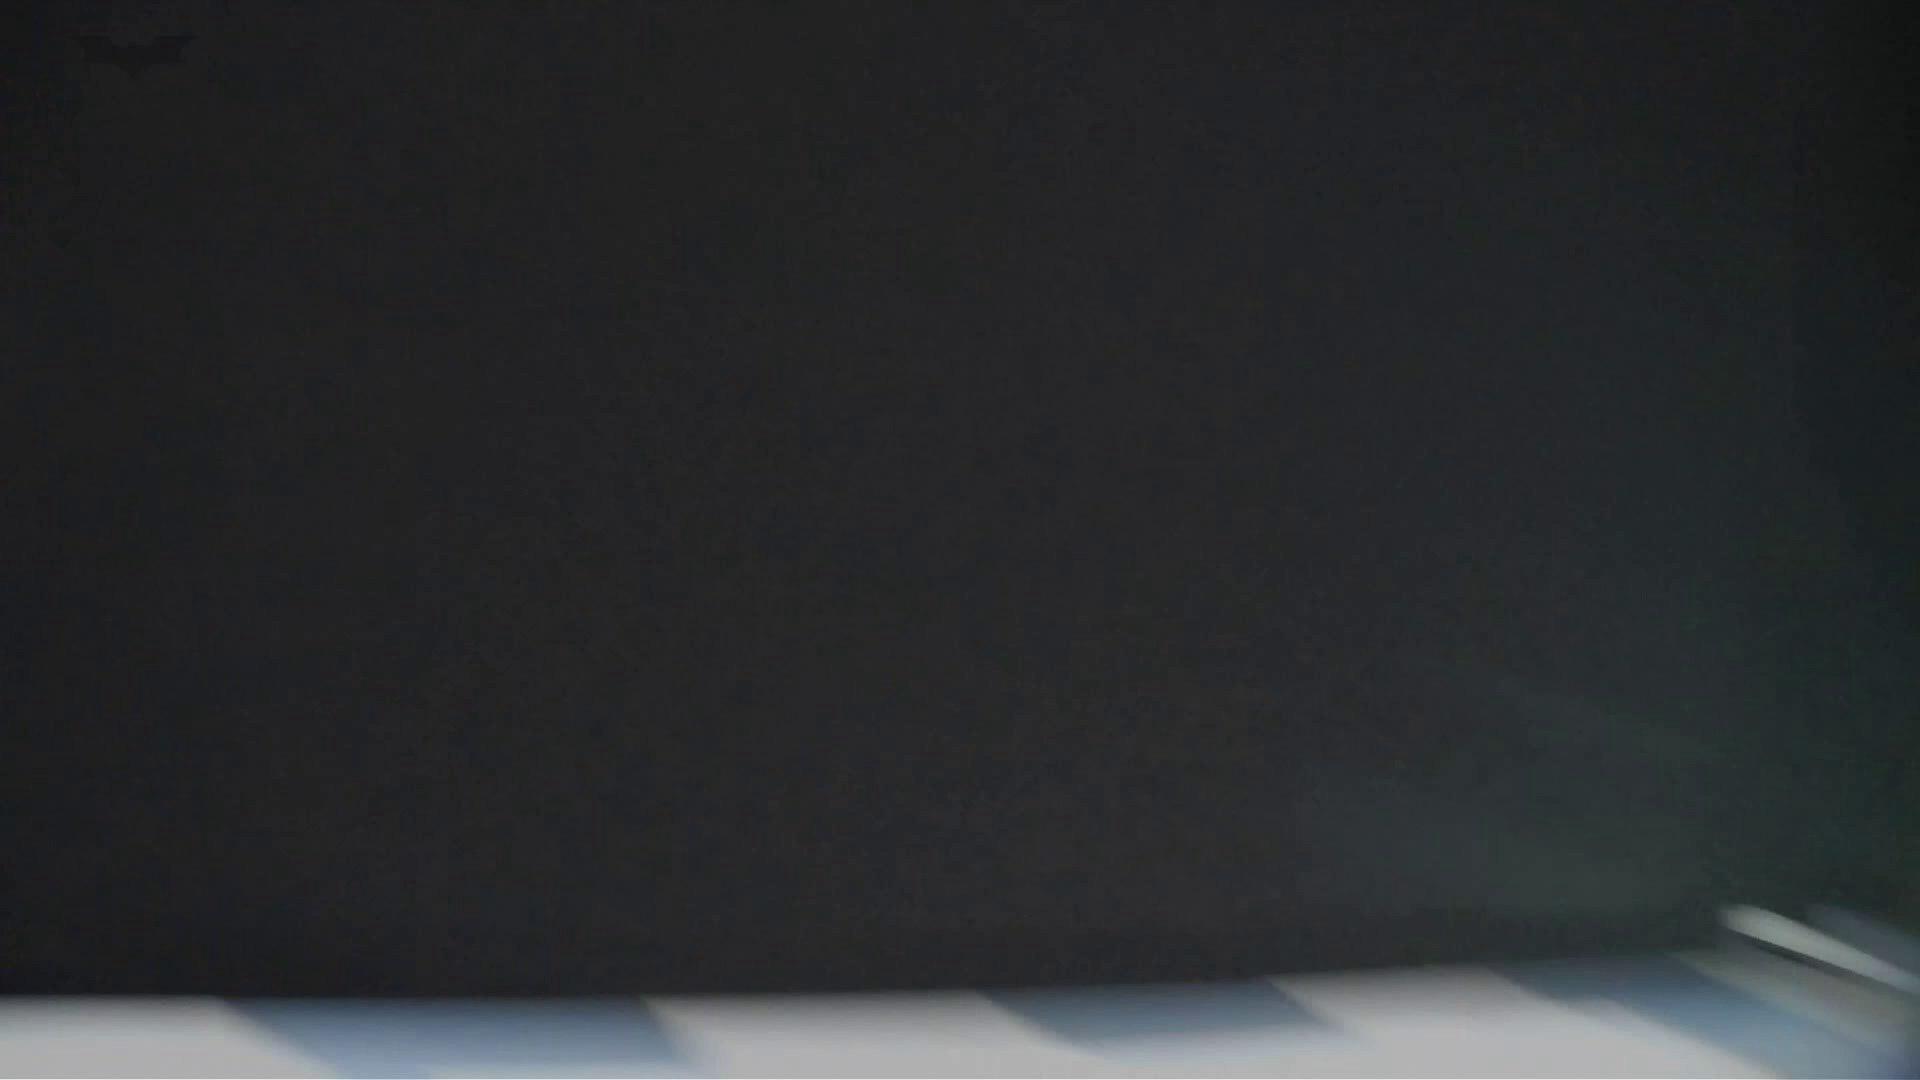 なんだこれVol.12 美魔女登場、 HD万歳!! 違いが判る映像美!! テクニック   エッチすぎるOL達  102連発 70